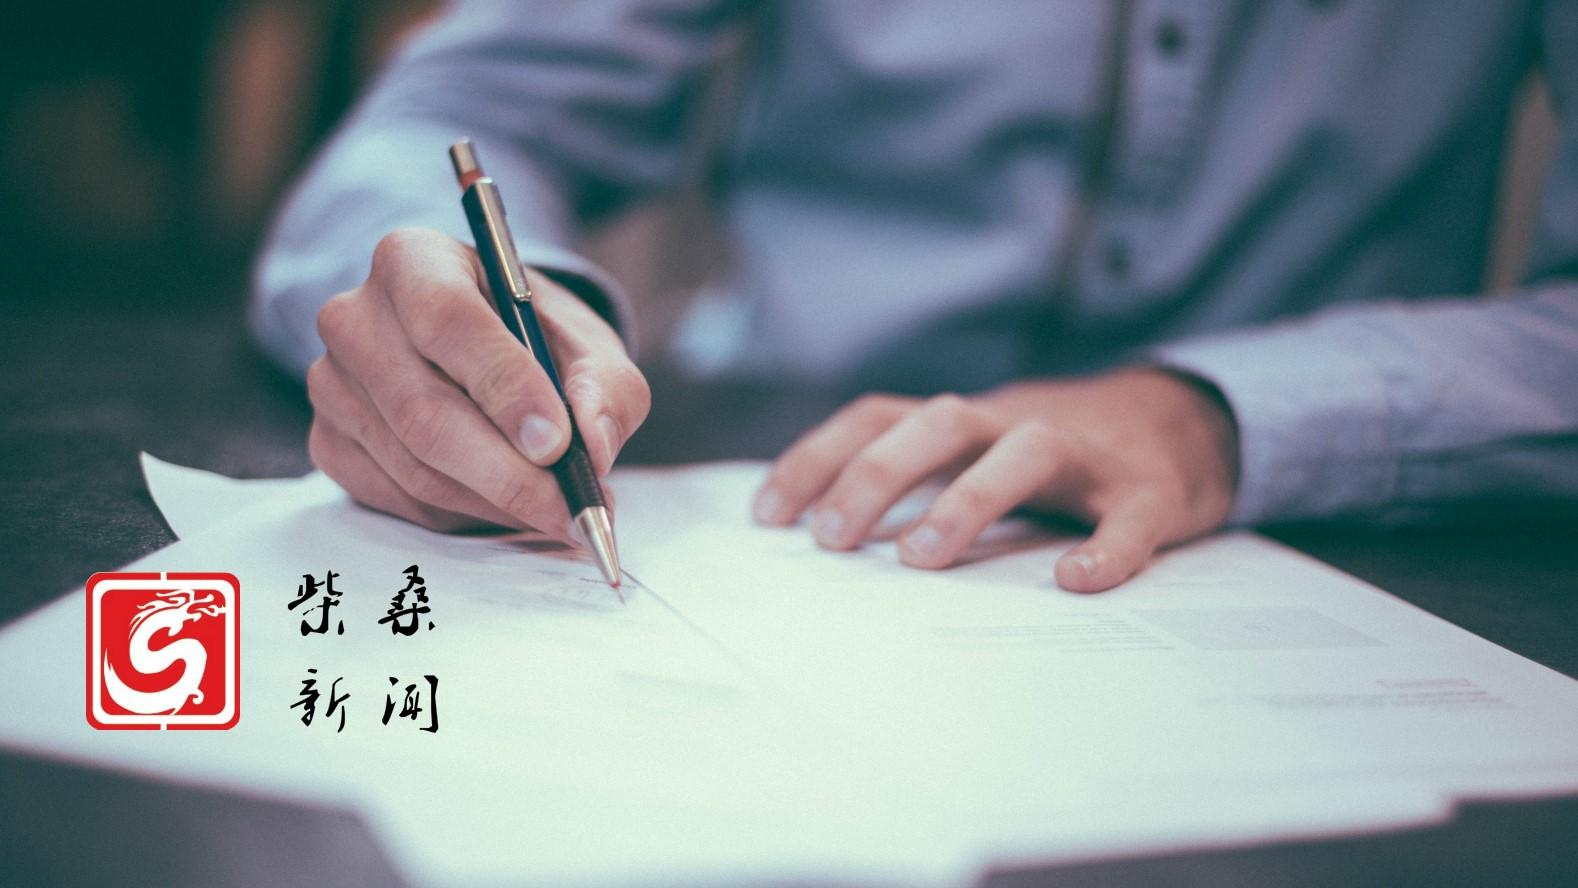 【柴桑新闻】潮平两岸阔 风正一帆悬——全国律师行业党委主题教育第八巡回指导组调研指导柴桑律所